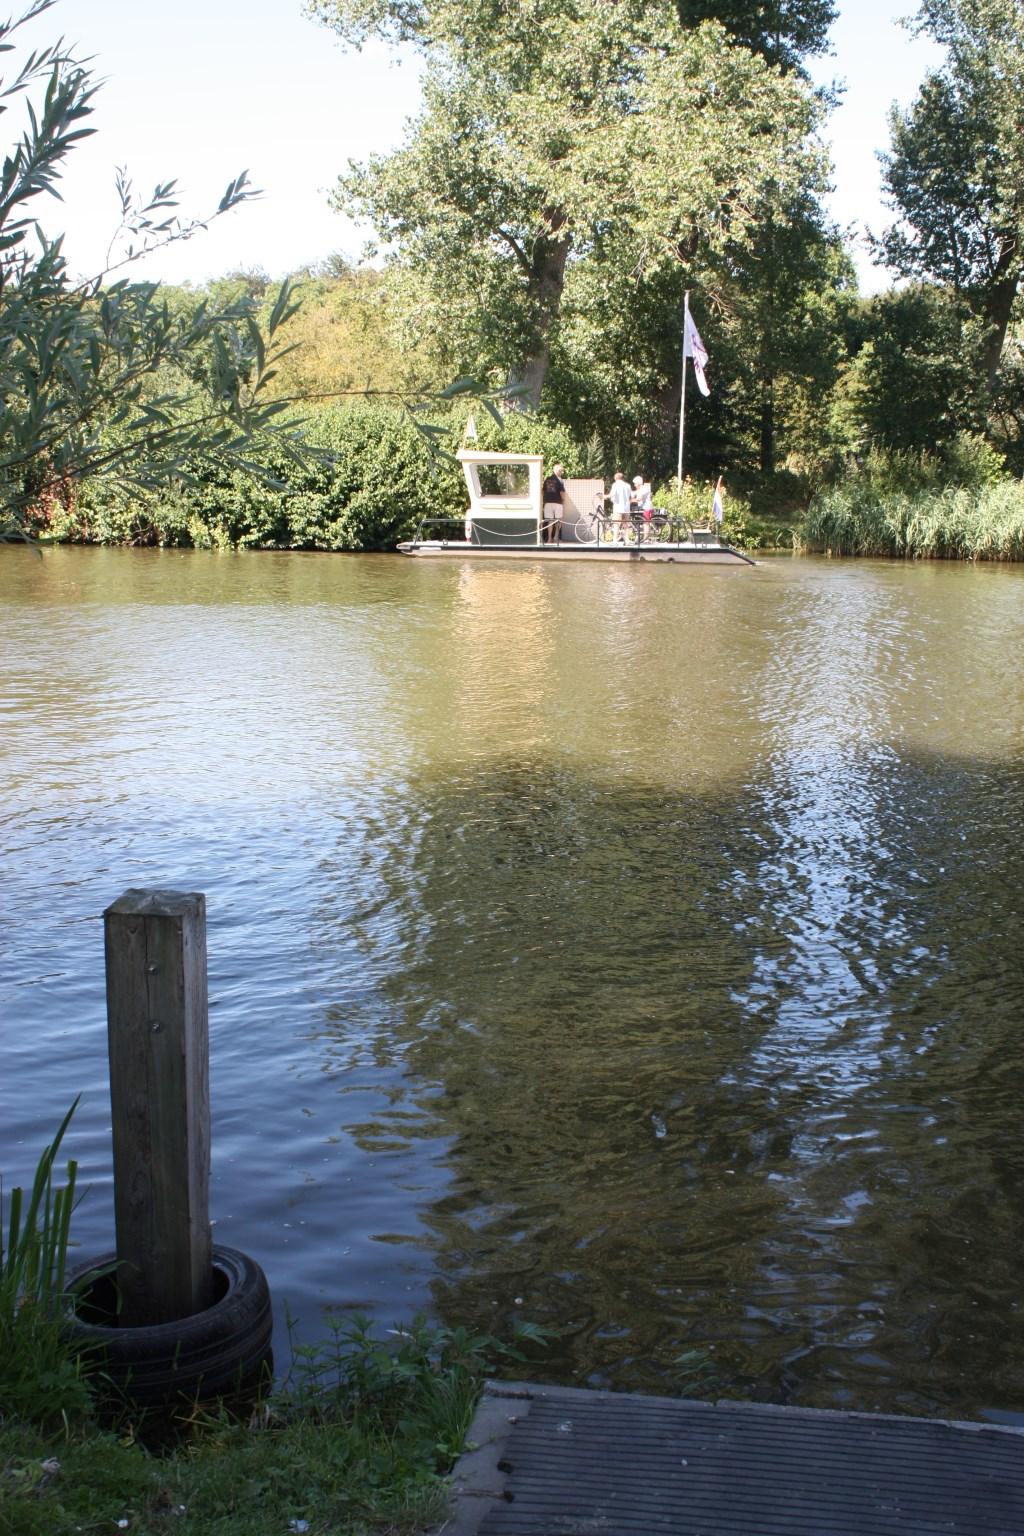 Vroeger lag hier een houten pont die door de veerman met een ketting naar de overkant werd getrokken. Michel Broekhuizen © BDU media